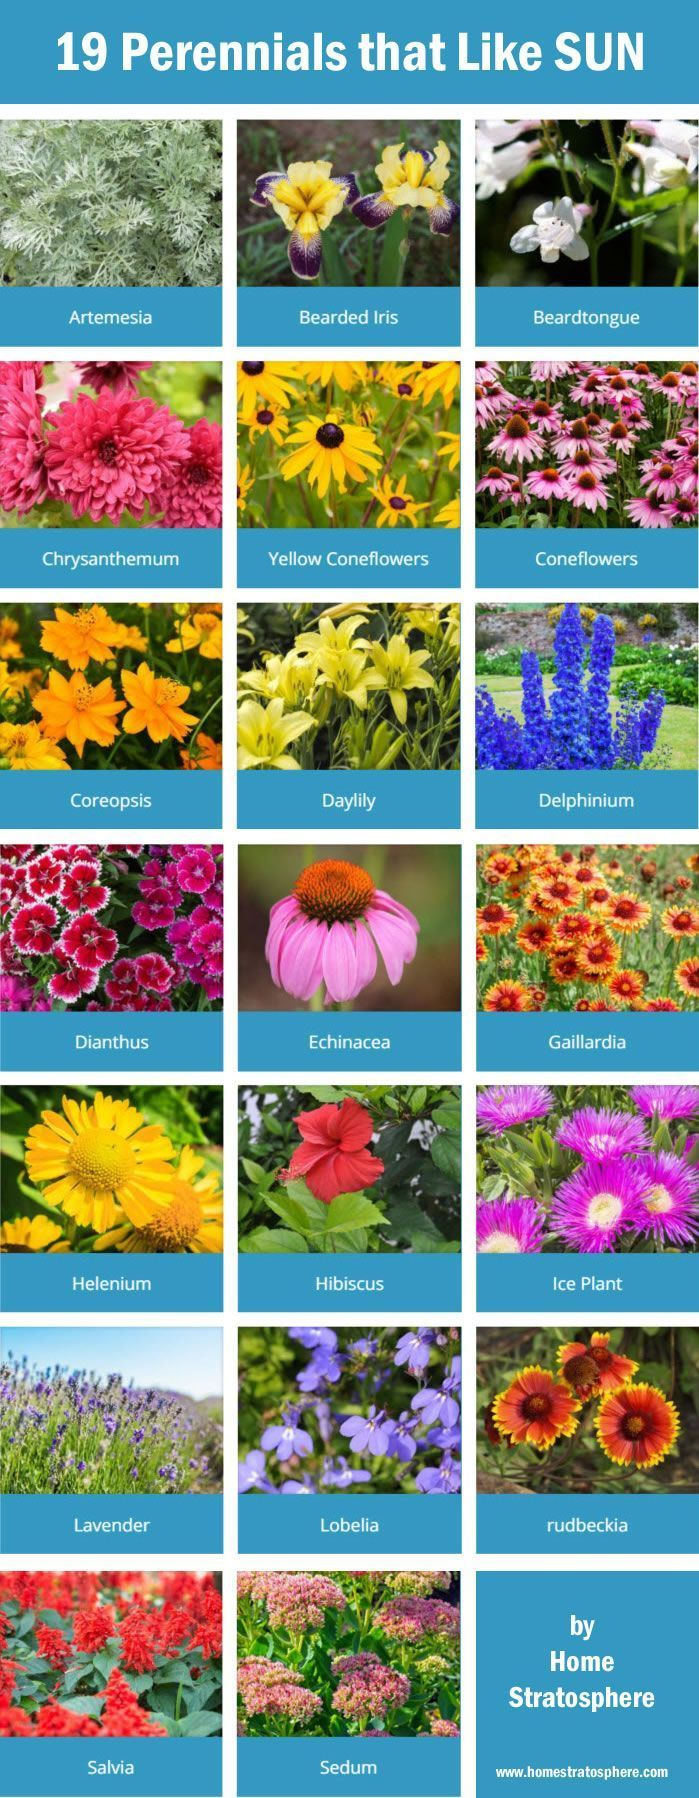 19 perennials that like the sun.